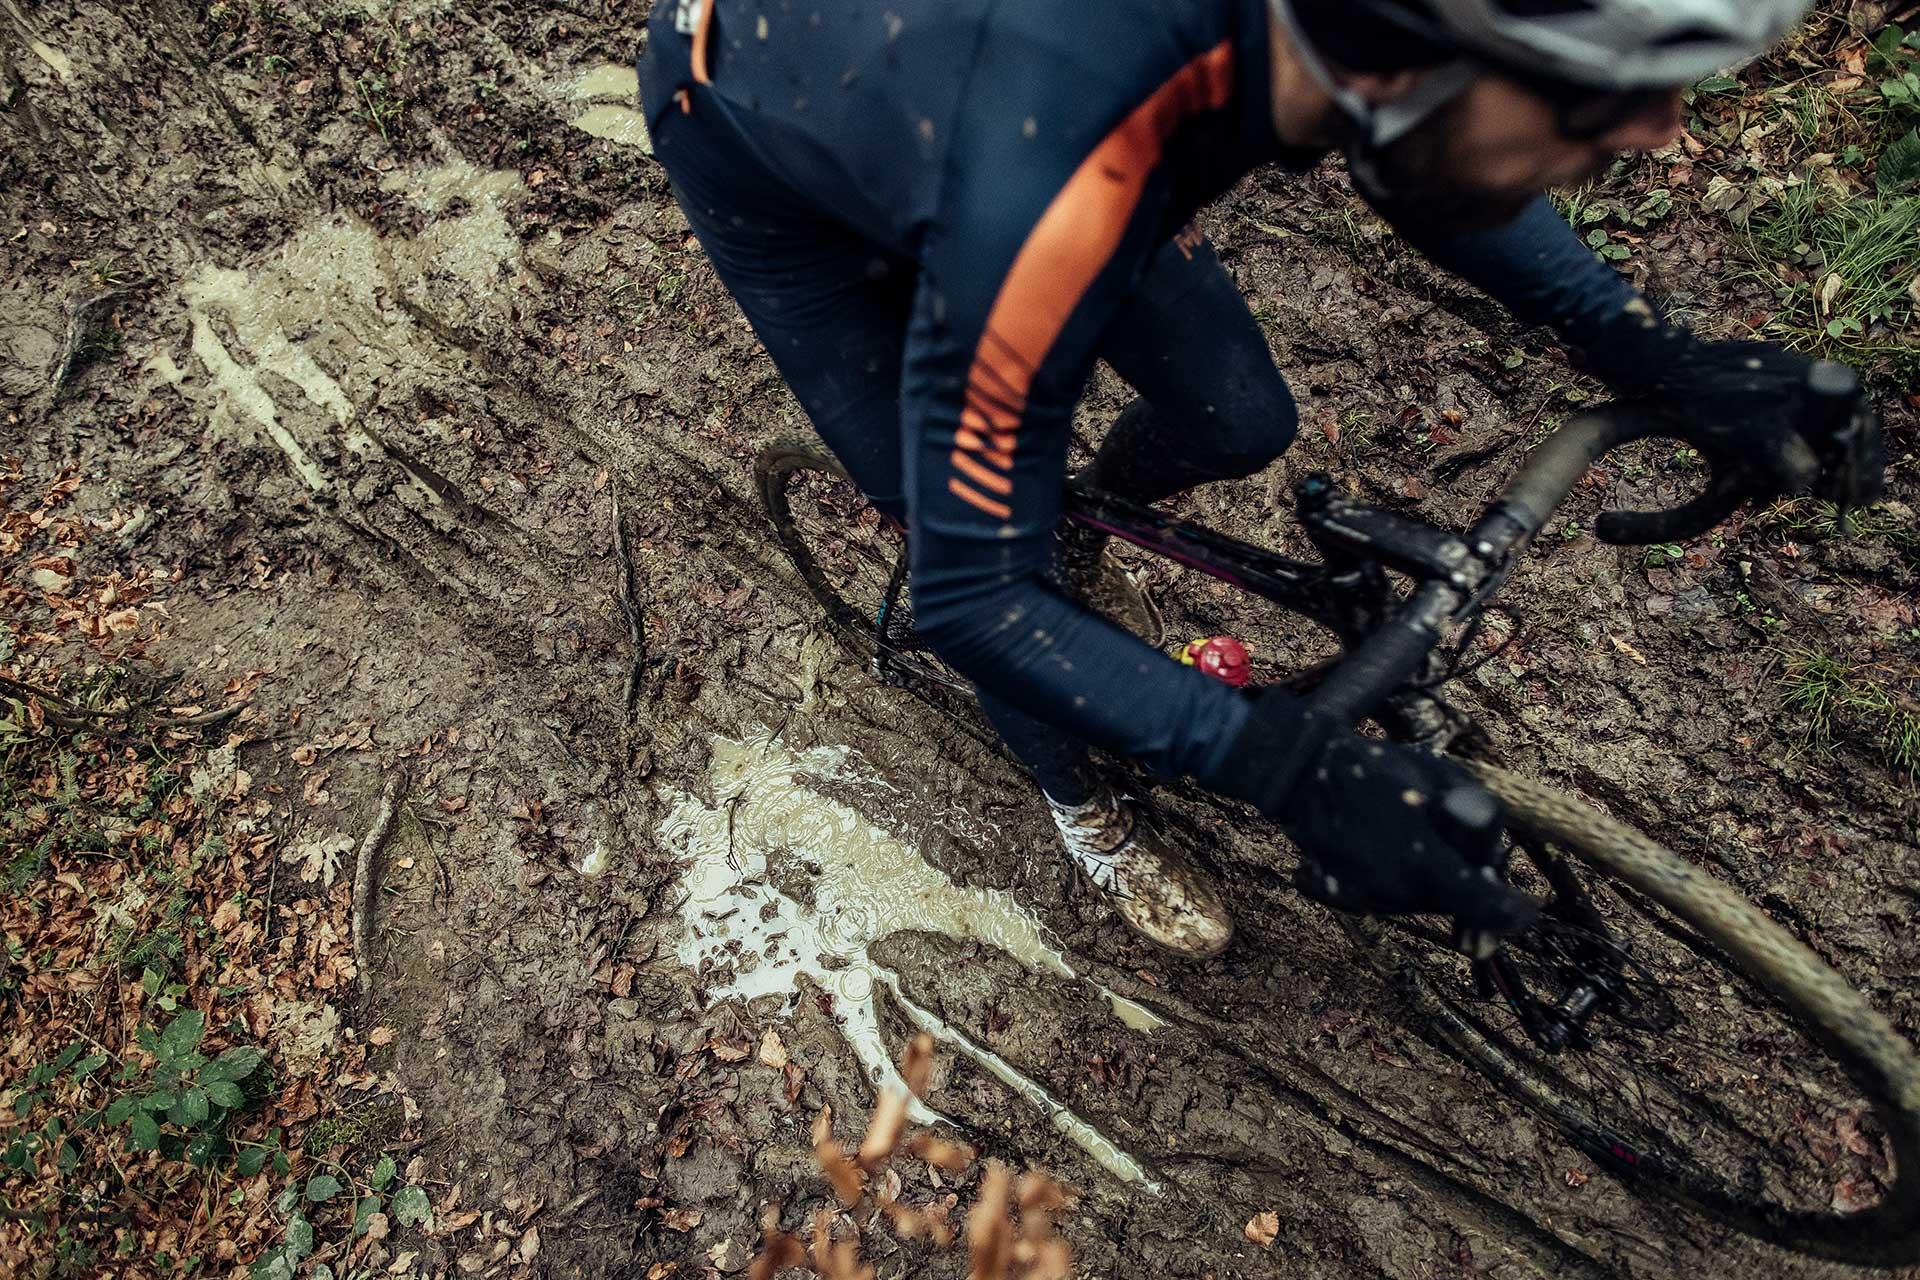 fotograf michael mueller sport crossbike schlamm wald deutschland duesseldorf- otoshooting